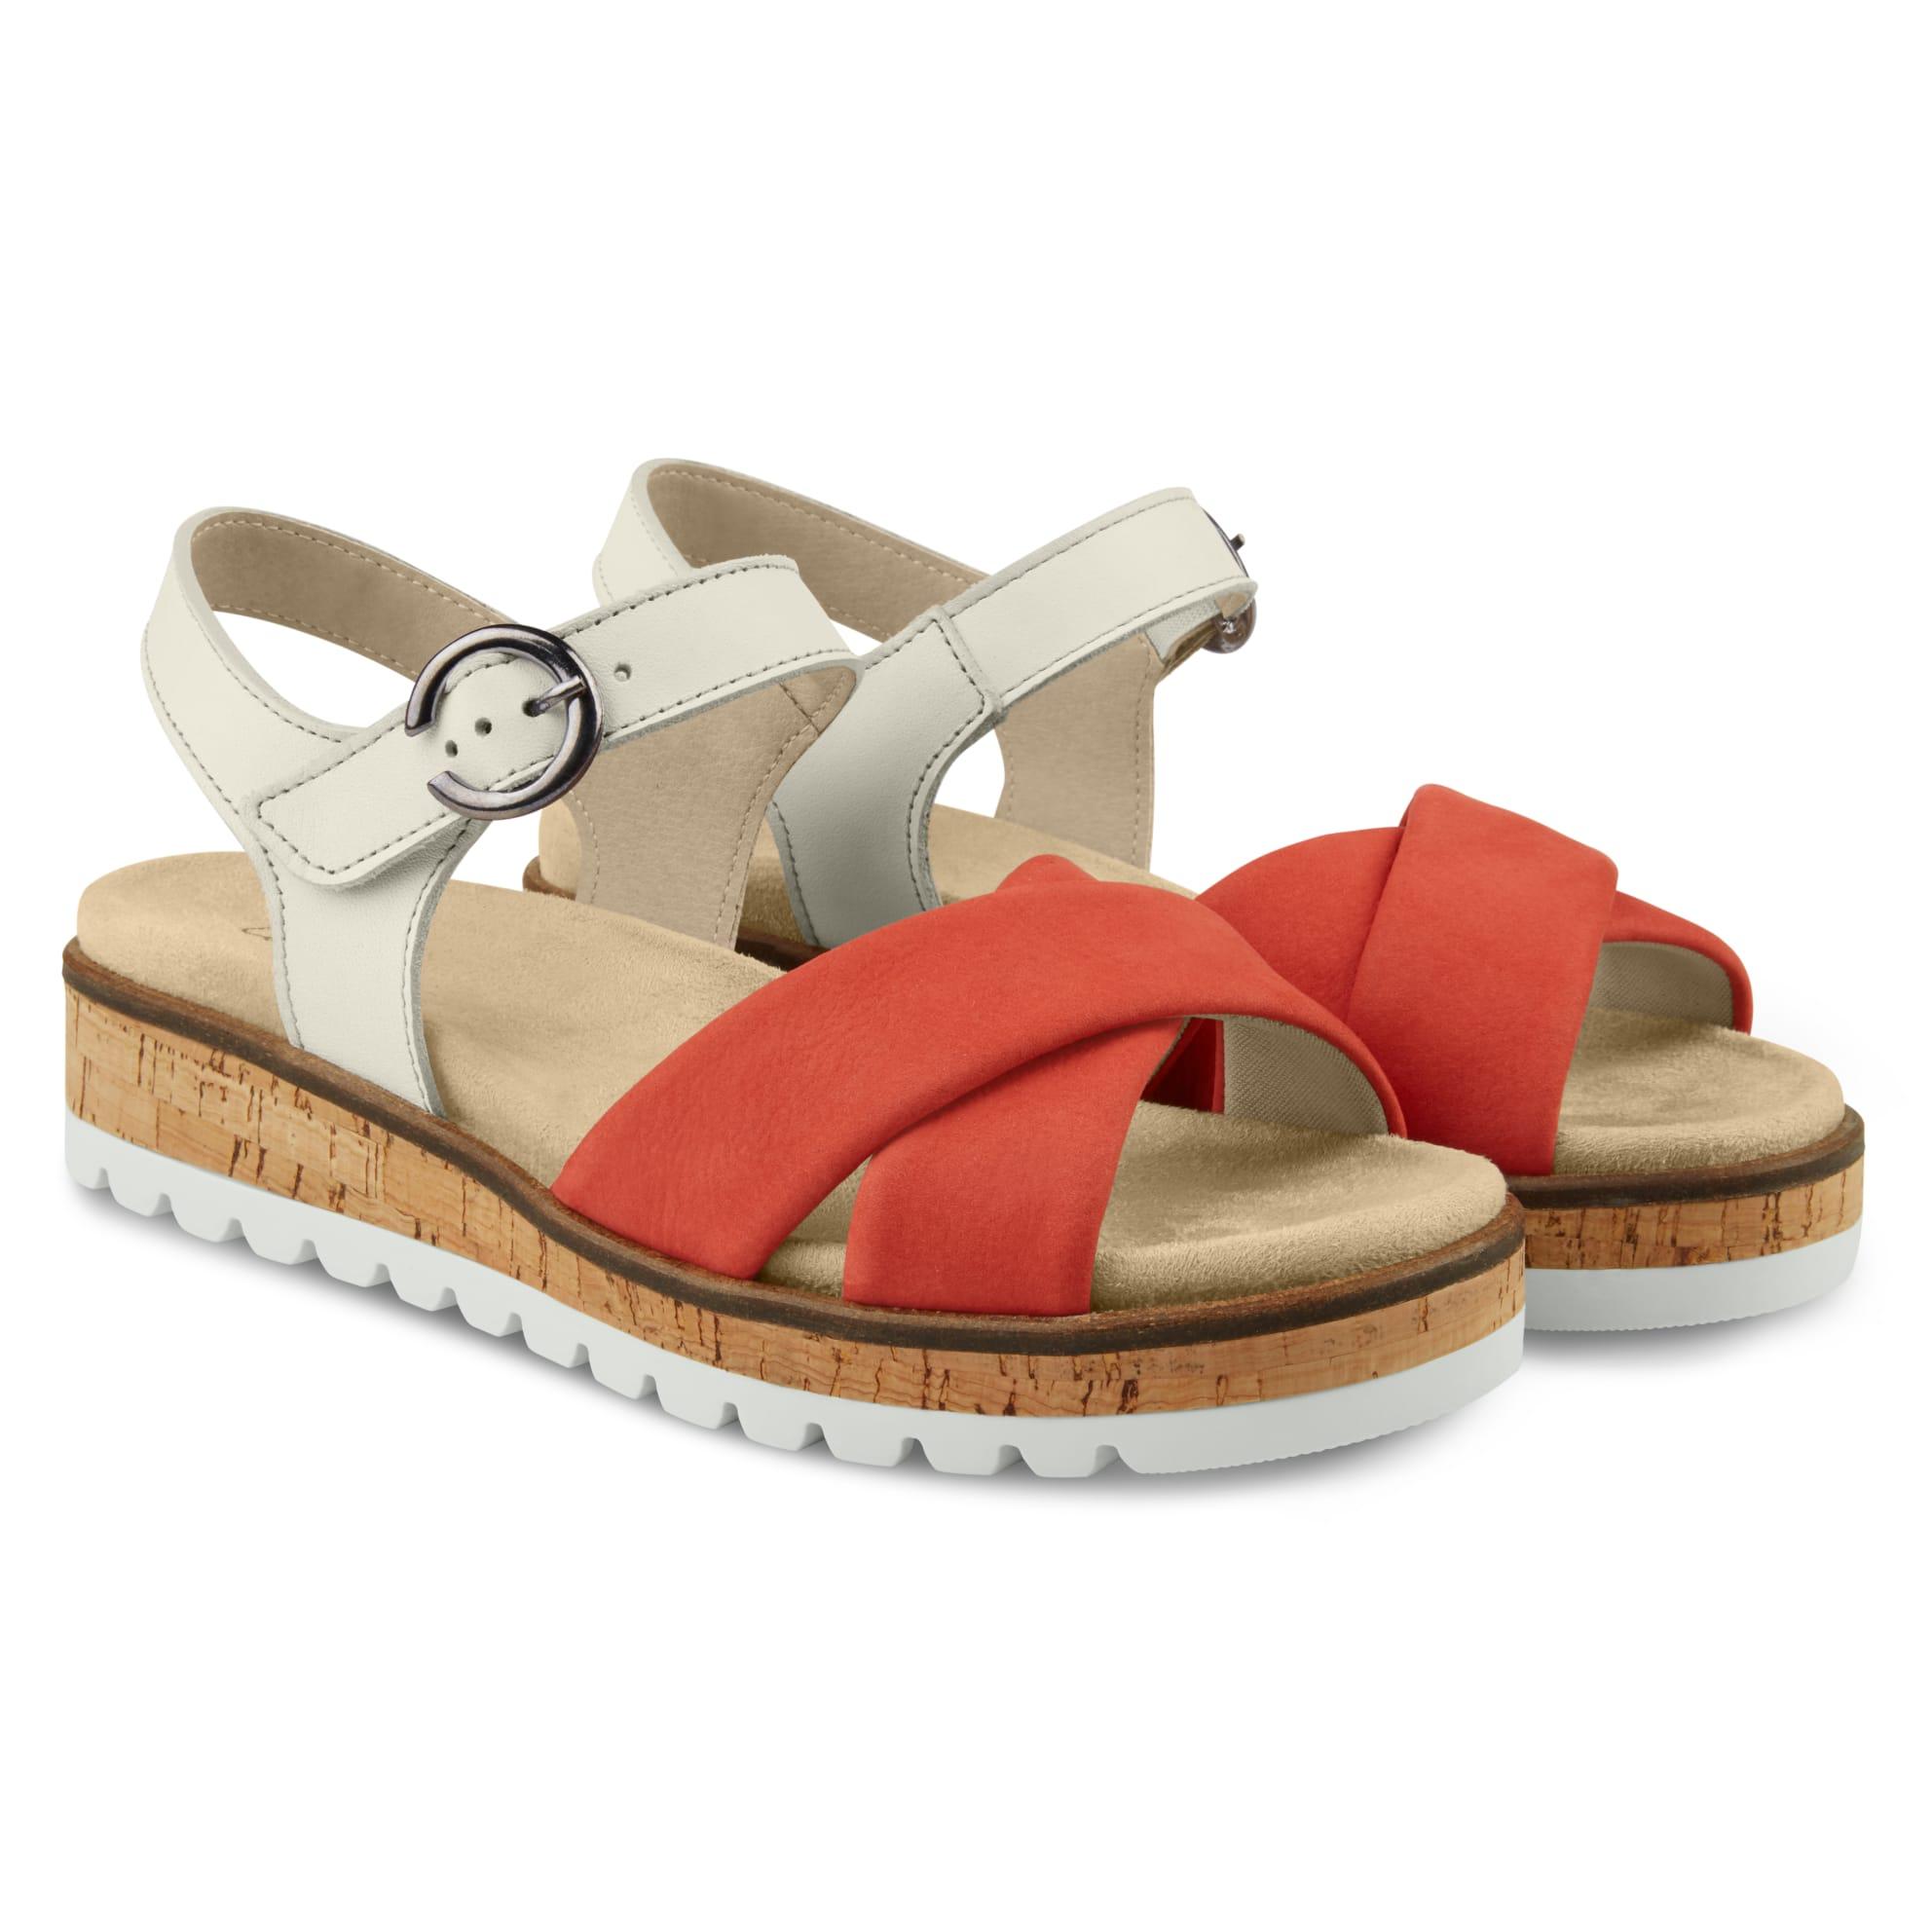 Sandale zweifarbig mit Kreuzriemen Rot – modischer und bequemer Schuh für Hallux valgus und empfindliche Füße von LaShoe.de